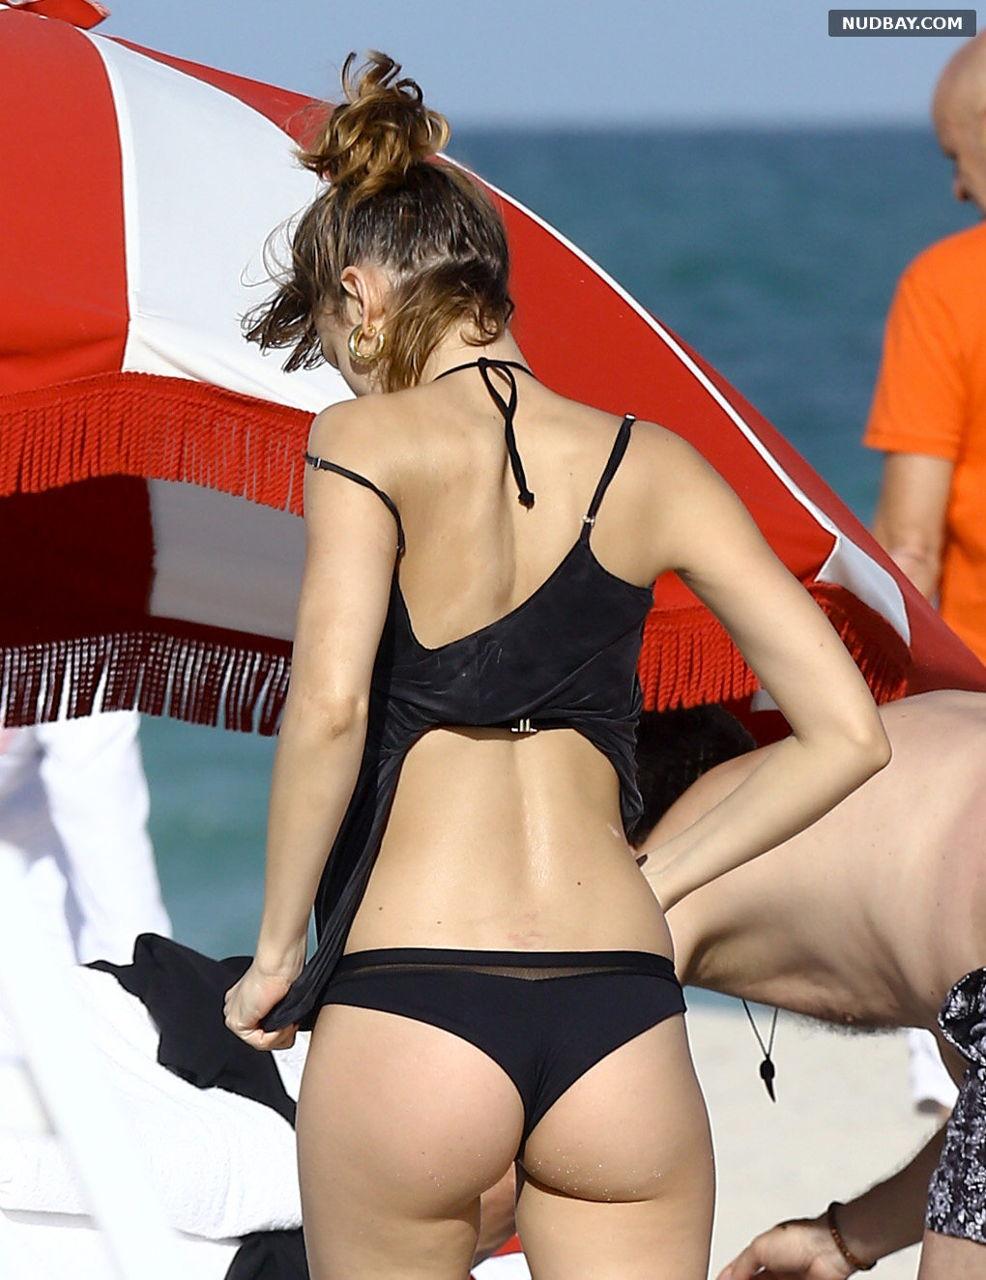 Ursula Corbero Ass At the Beach in Miami Florida December 04 2016